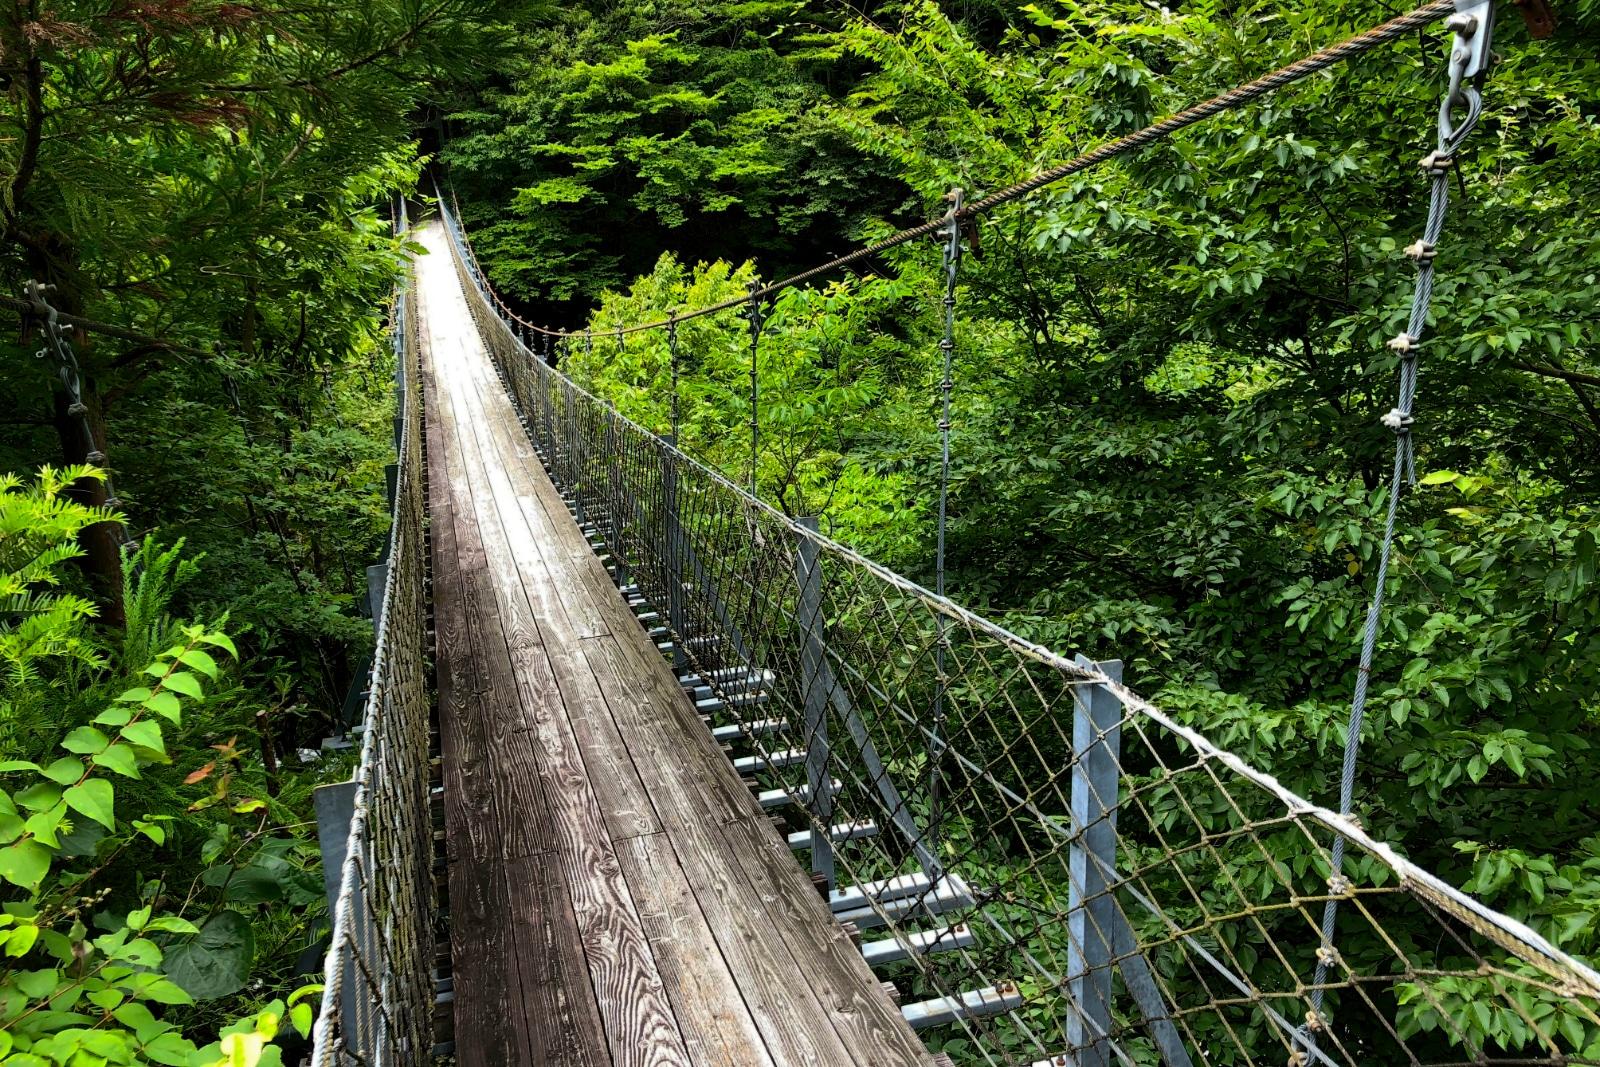 The bridge over the ravine.